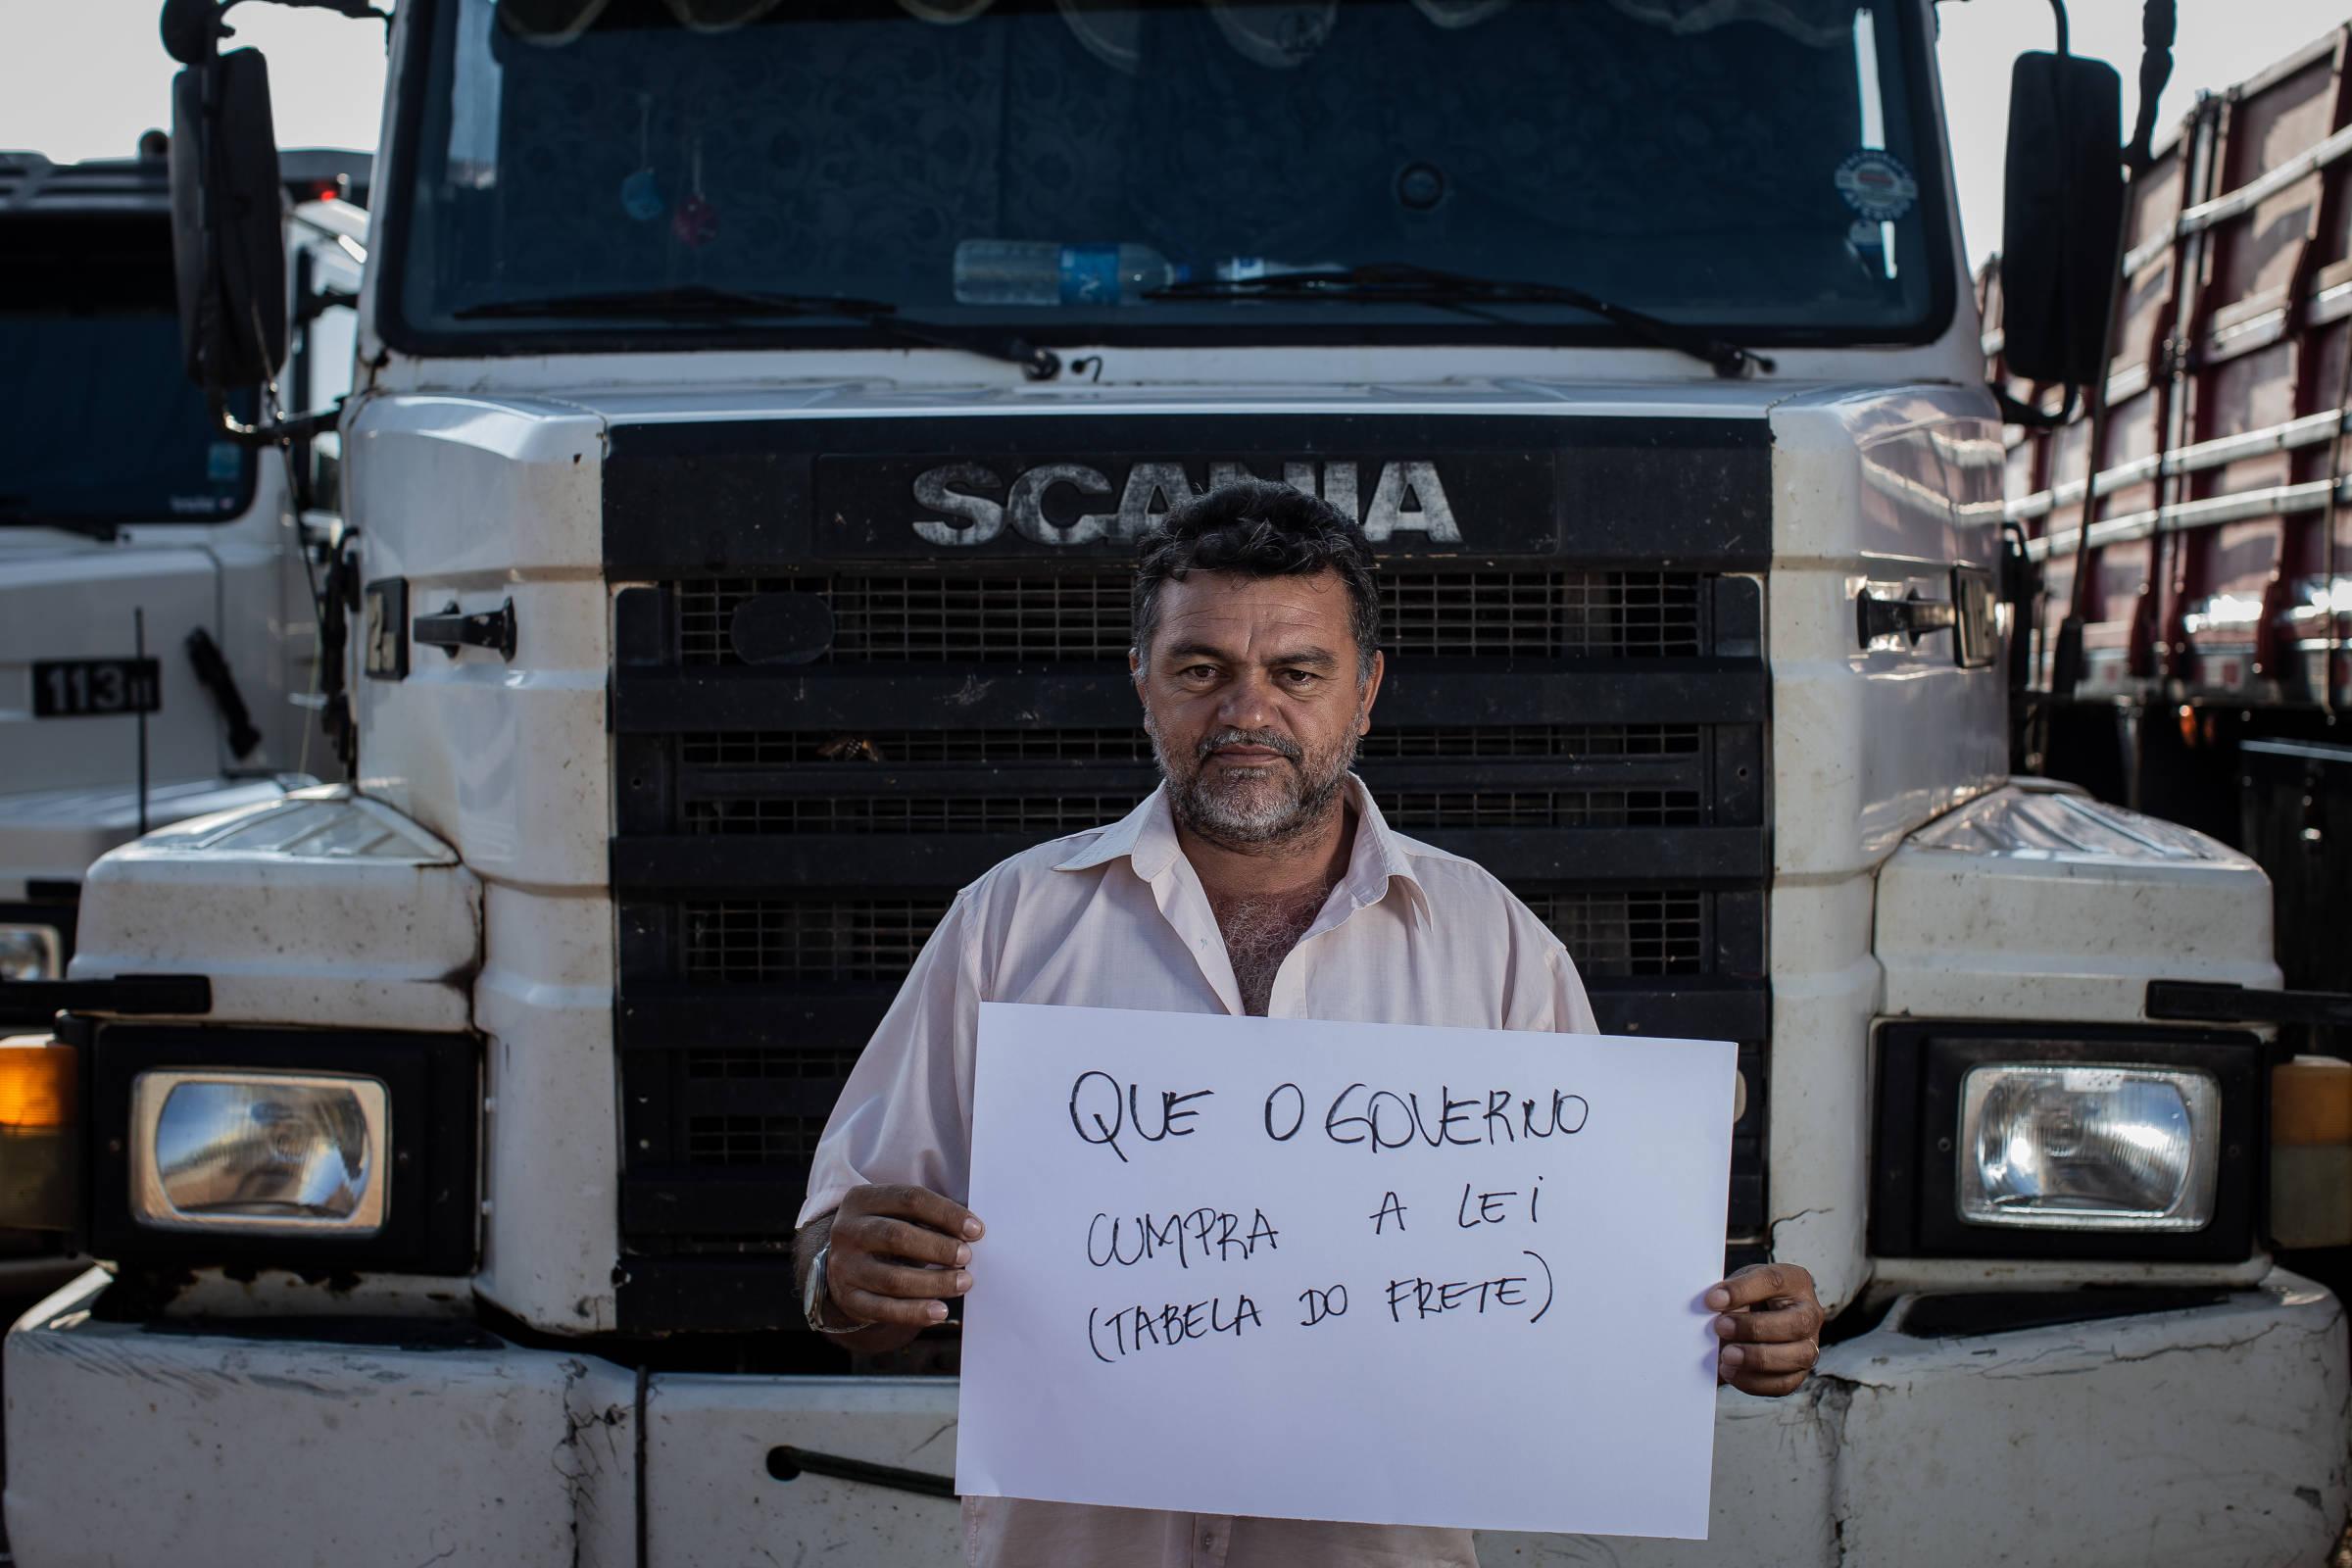 Vida está muito pior um ano após mobilização, dizem caminhoneiros